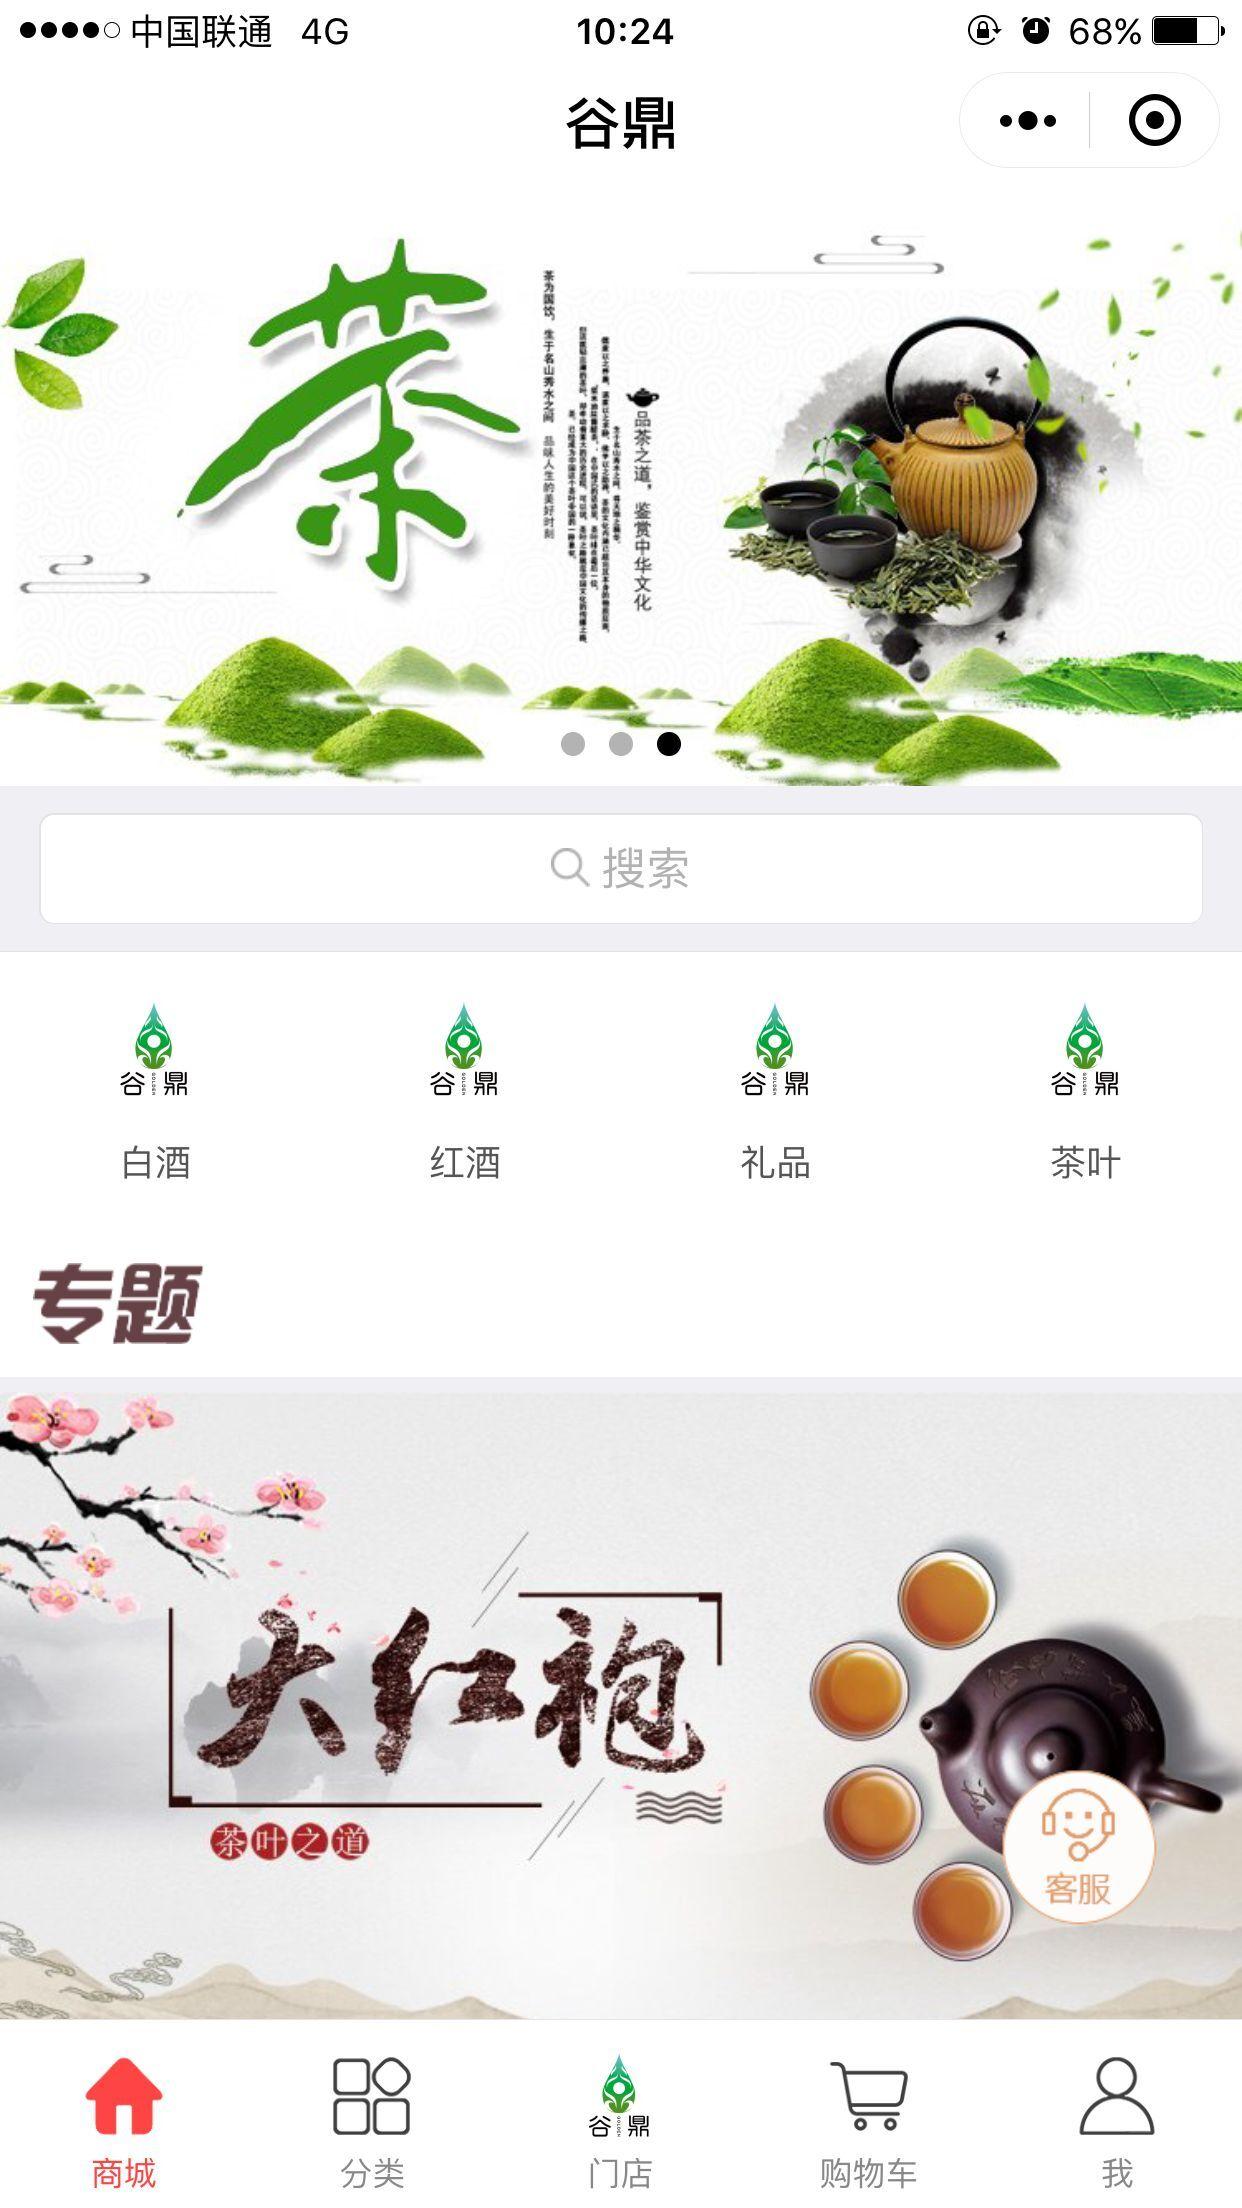 2 福州谷鼎汇贸易有限公司小程序